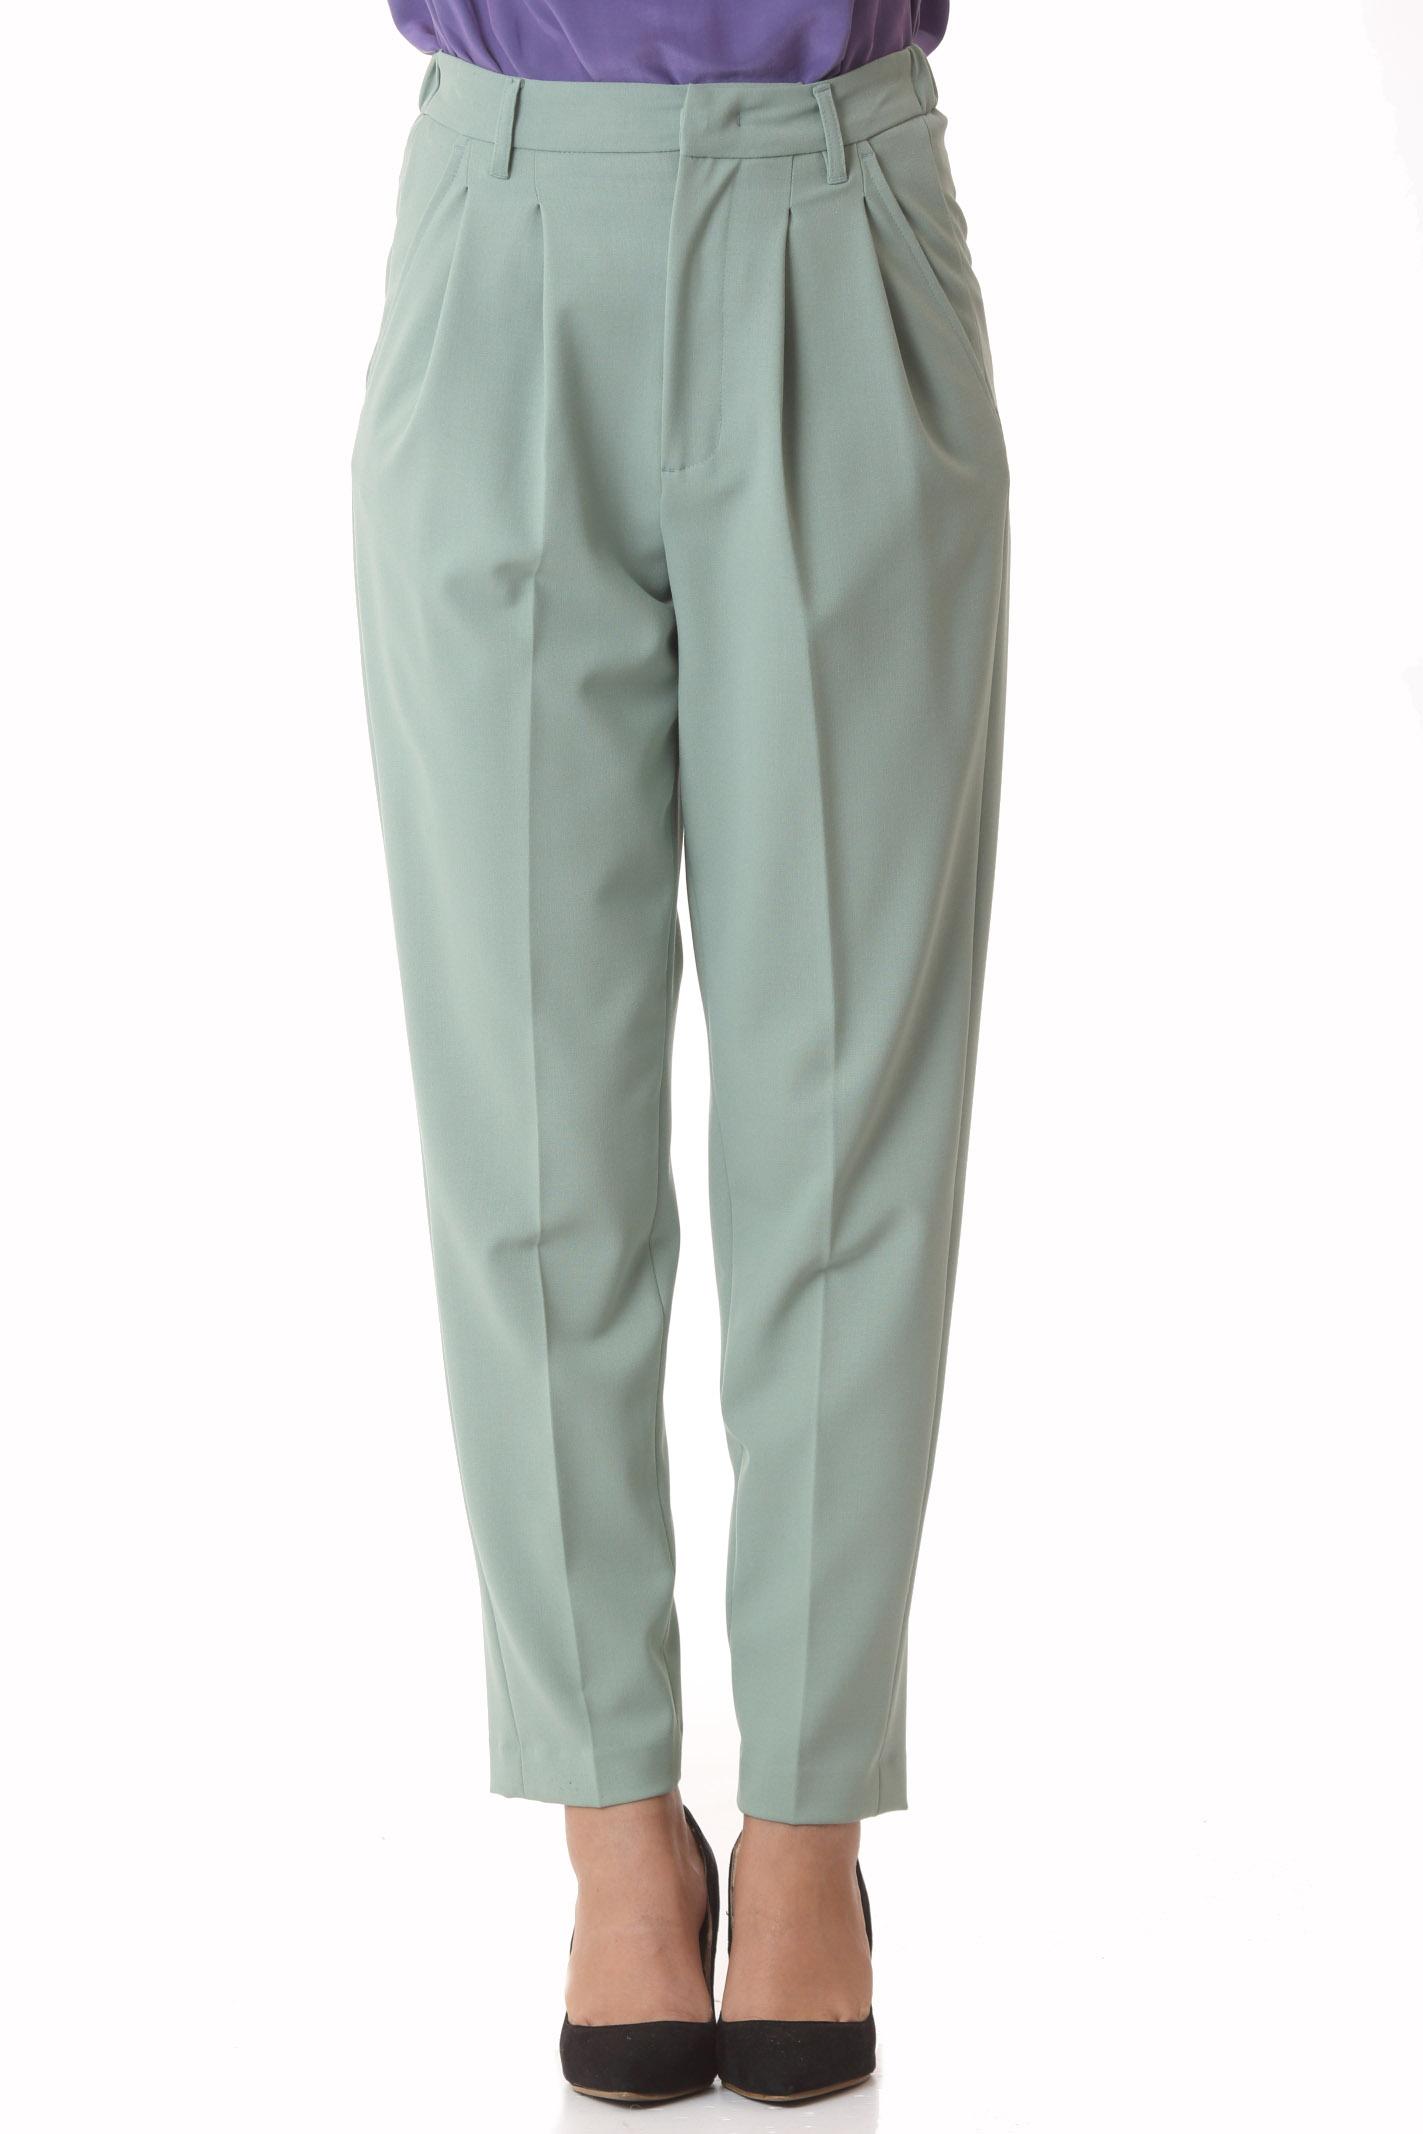 Preppy pant ATTIC AND BARN | Pantaloni | A21-ATPA006-AT080763